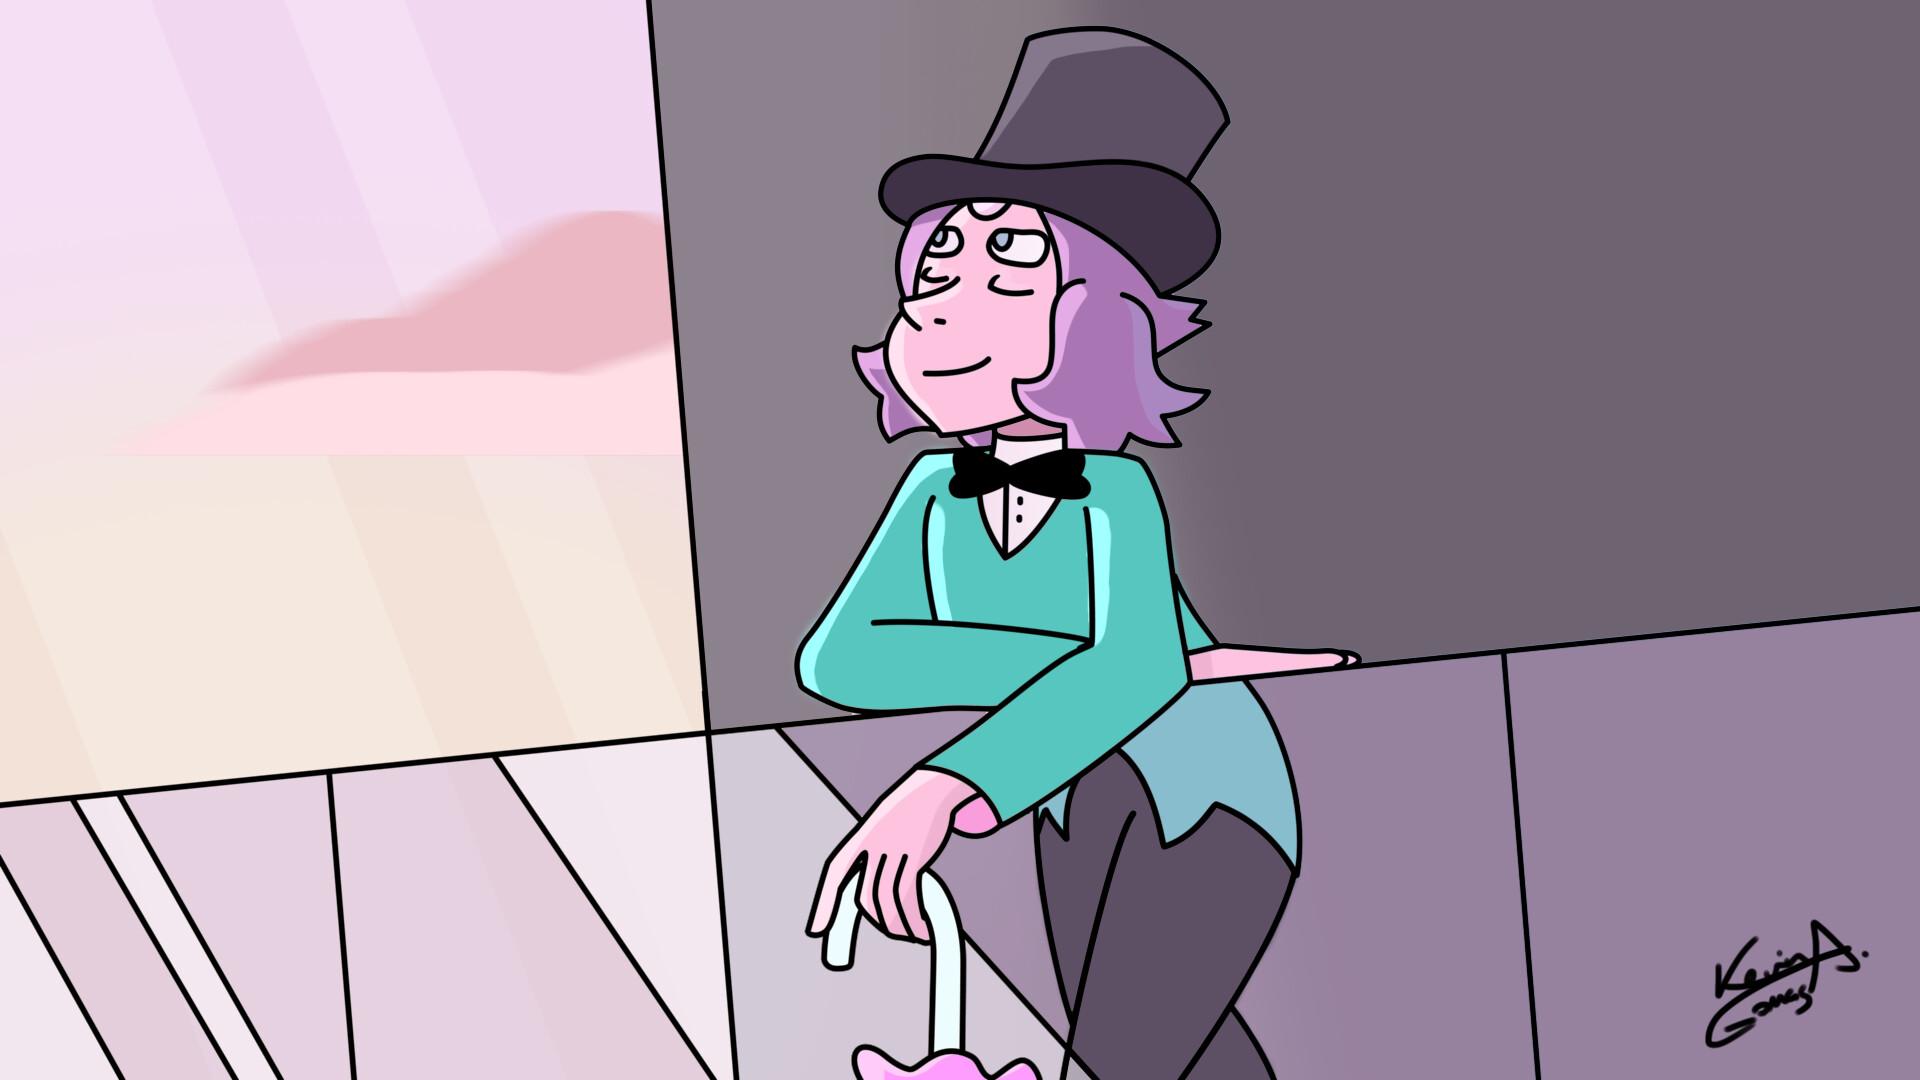 Rainbow quartz 2